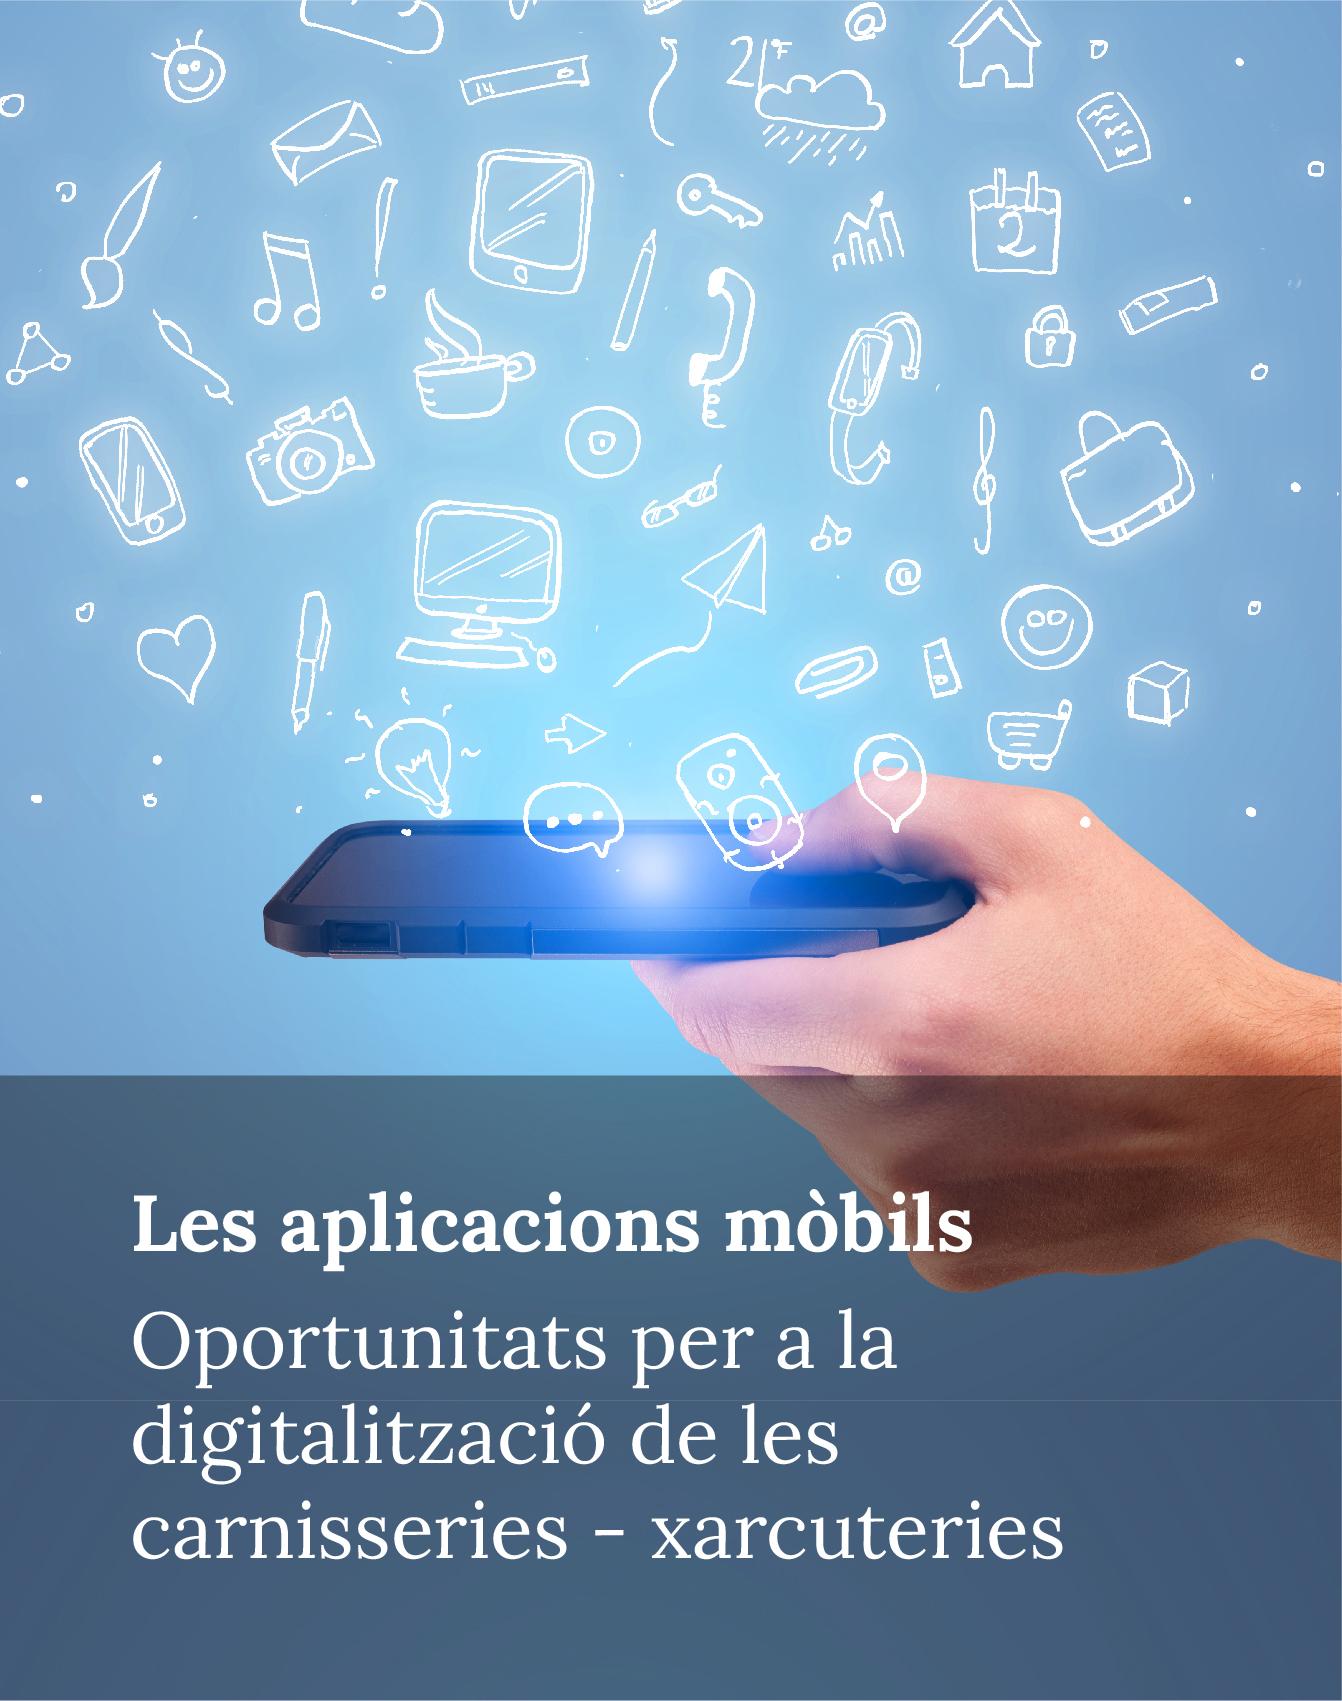 Les aplicacions mòbils - Oportunitats